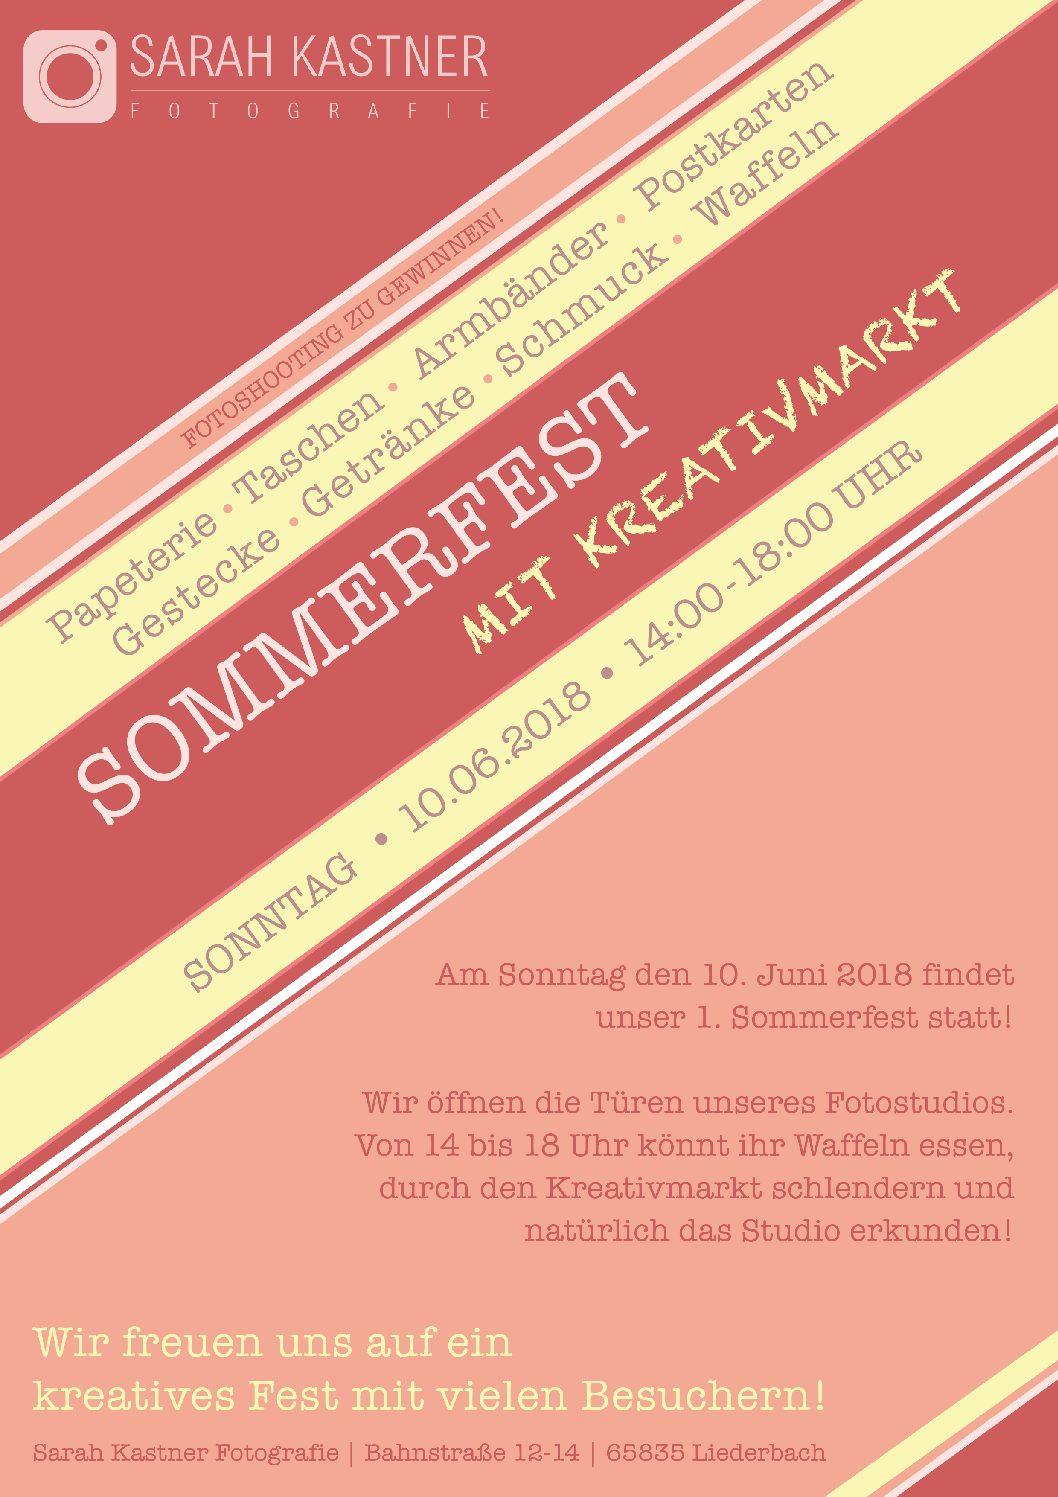 Sommerfest mit Kreativmarkt im Fotoatelier Sarah Kastner. 10. Juni in Liederbach (Taunus)